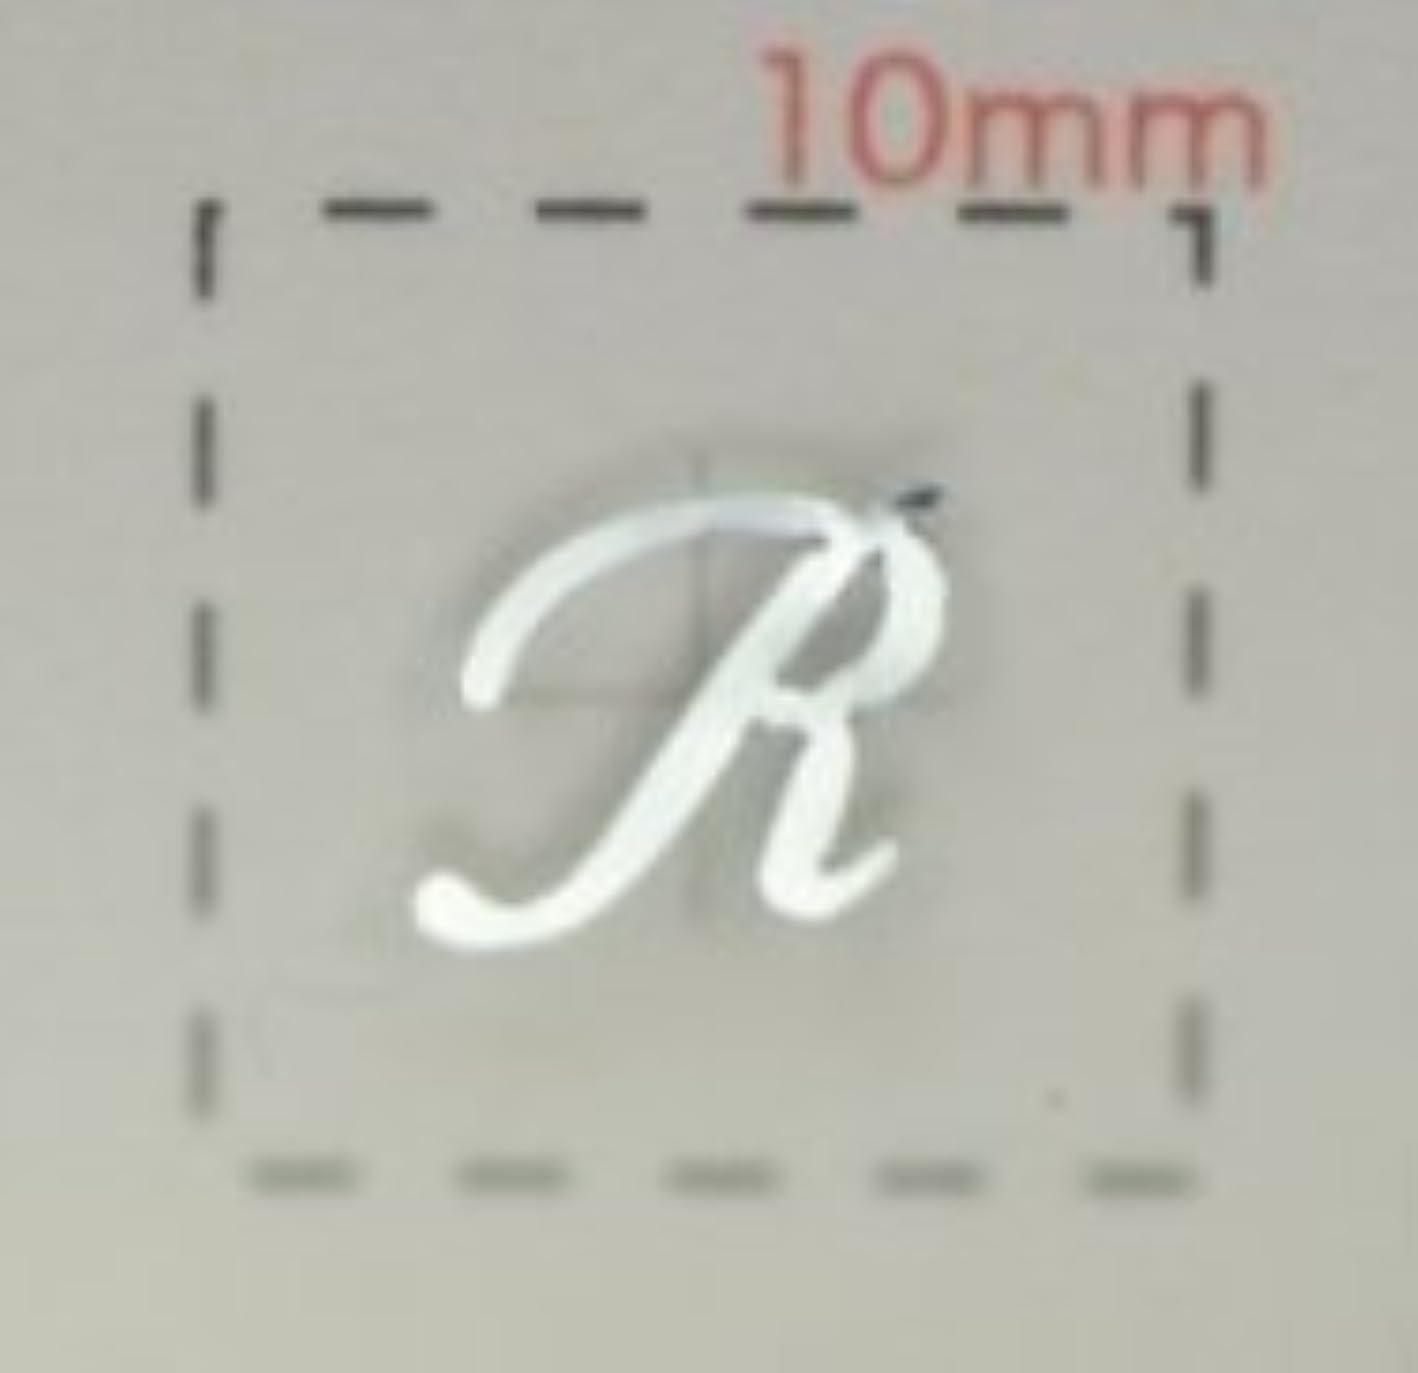 構造慣習シンプトンNameネイルシール【アルファベット?イニシャル】大文字シルバー( R )1シート9枚入